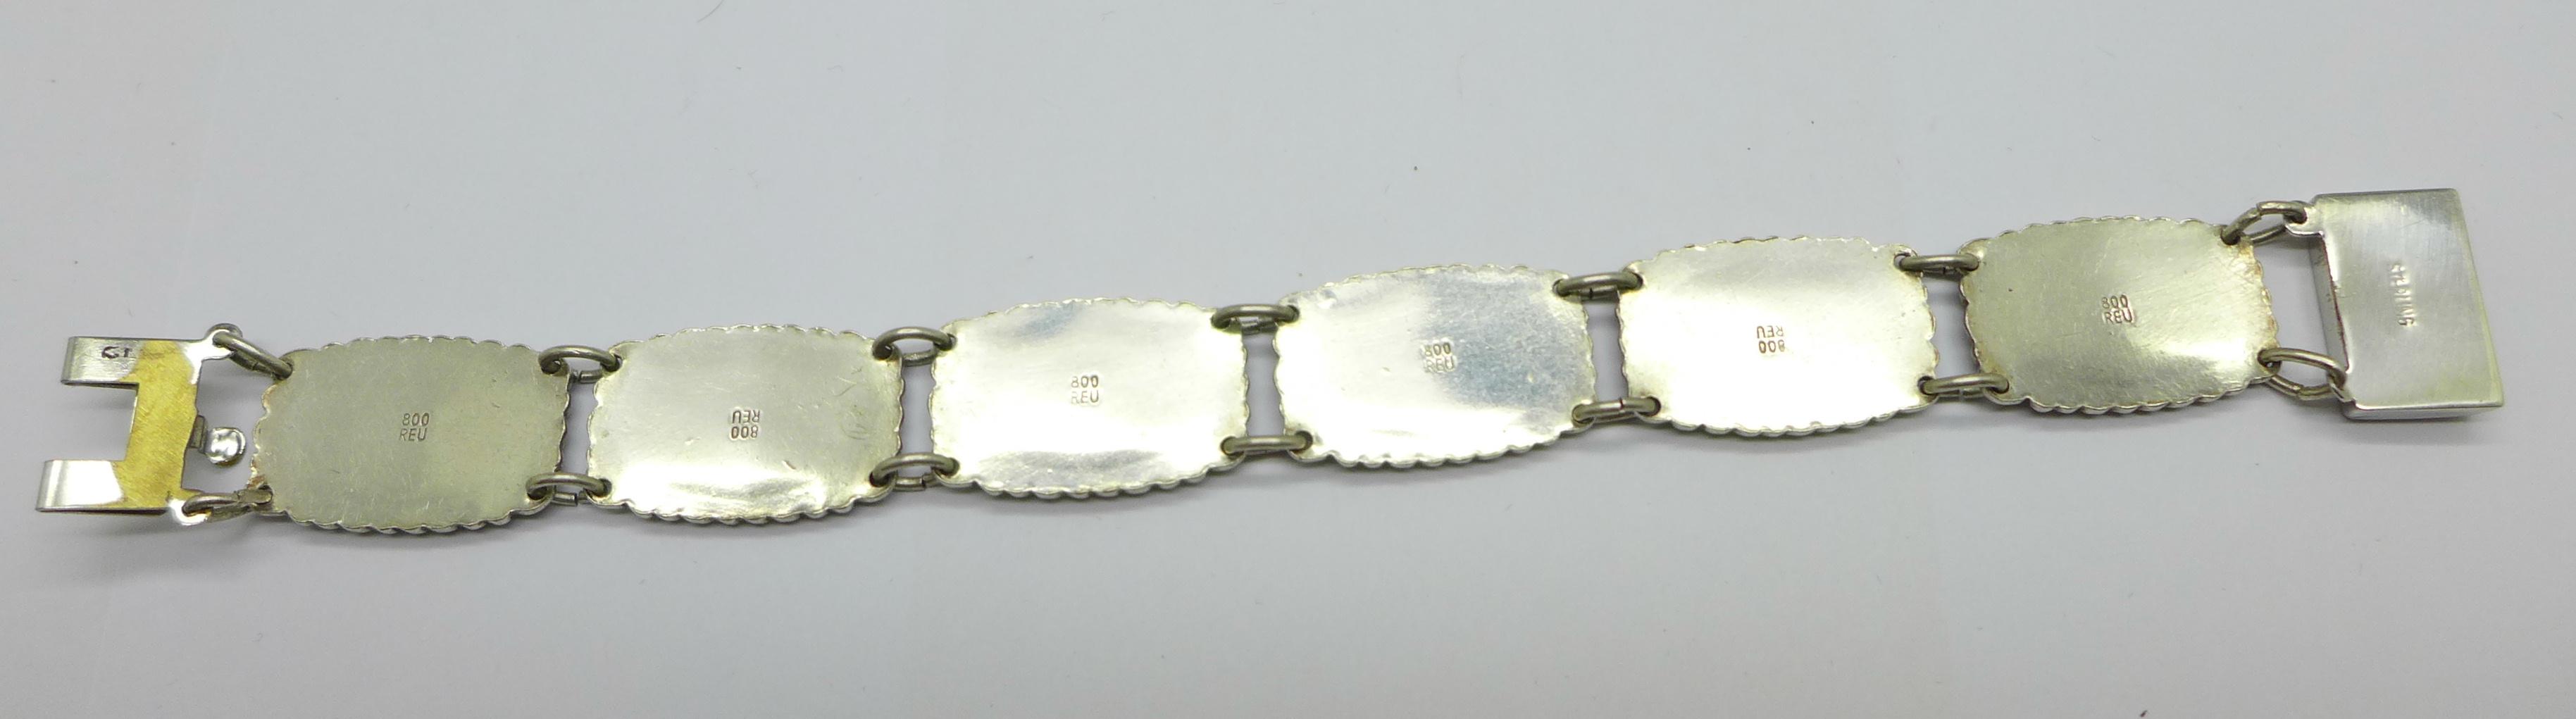 An enamelled silver bracelet marked 800 REU (manufacturer Fritz Reu & Co.), clasp marked Sterling, - Image 4 of 4